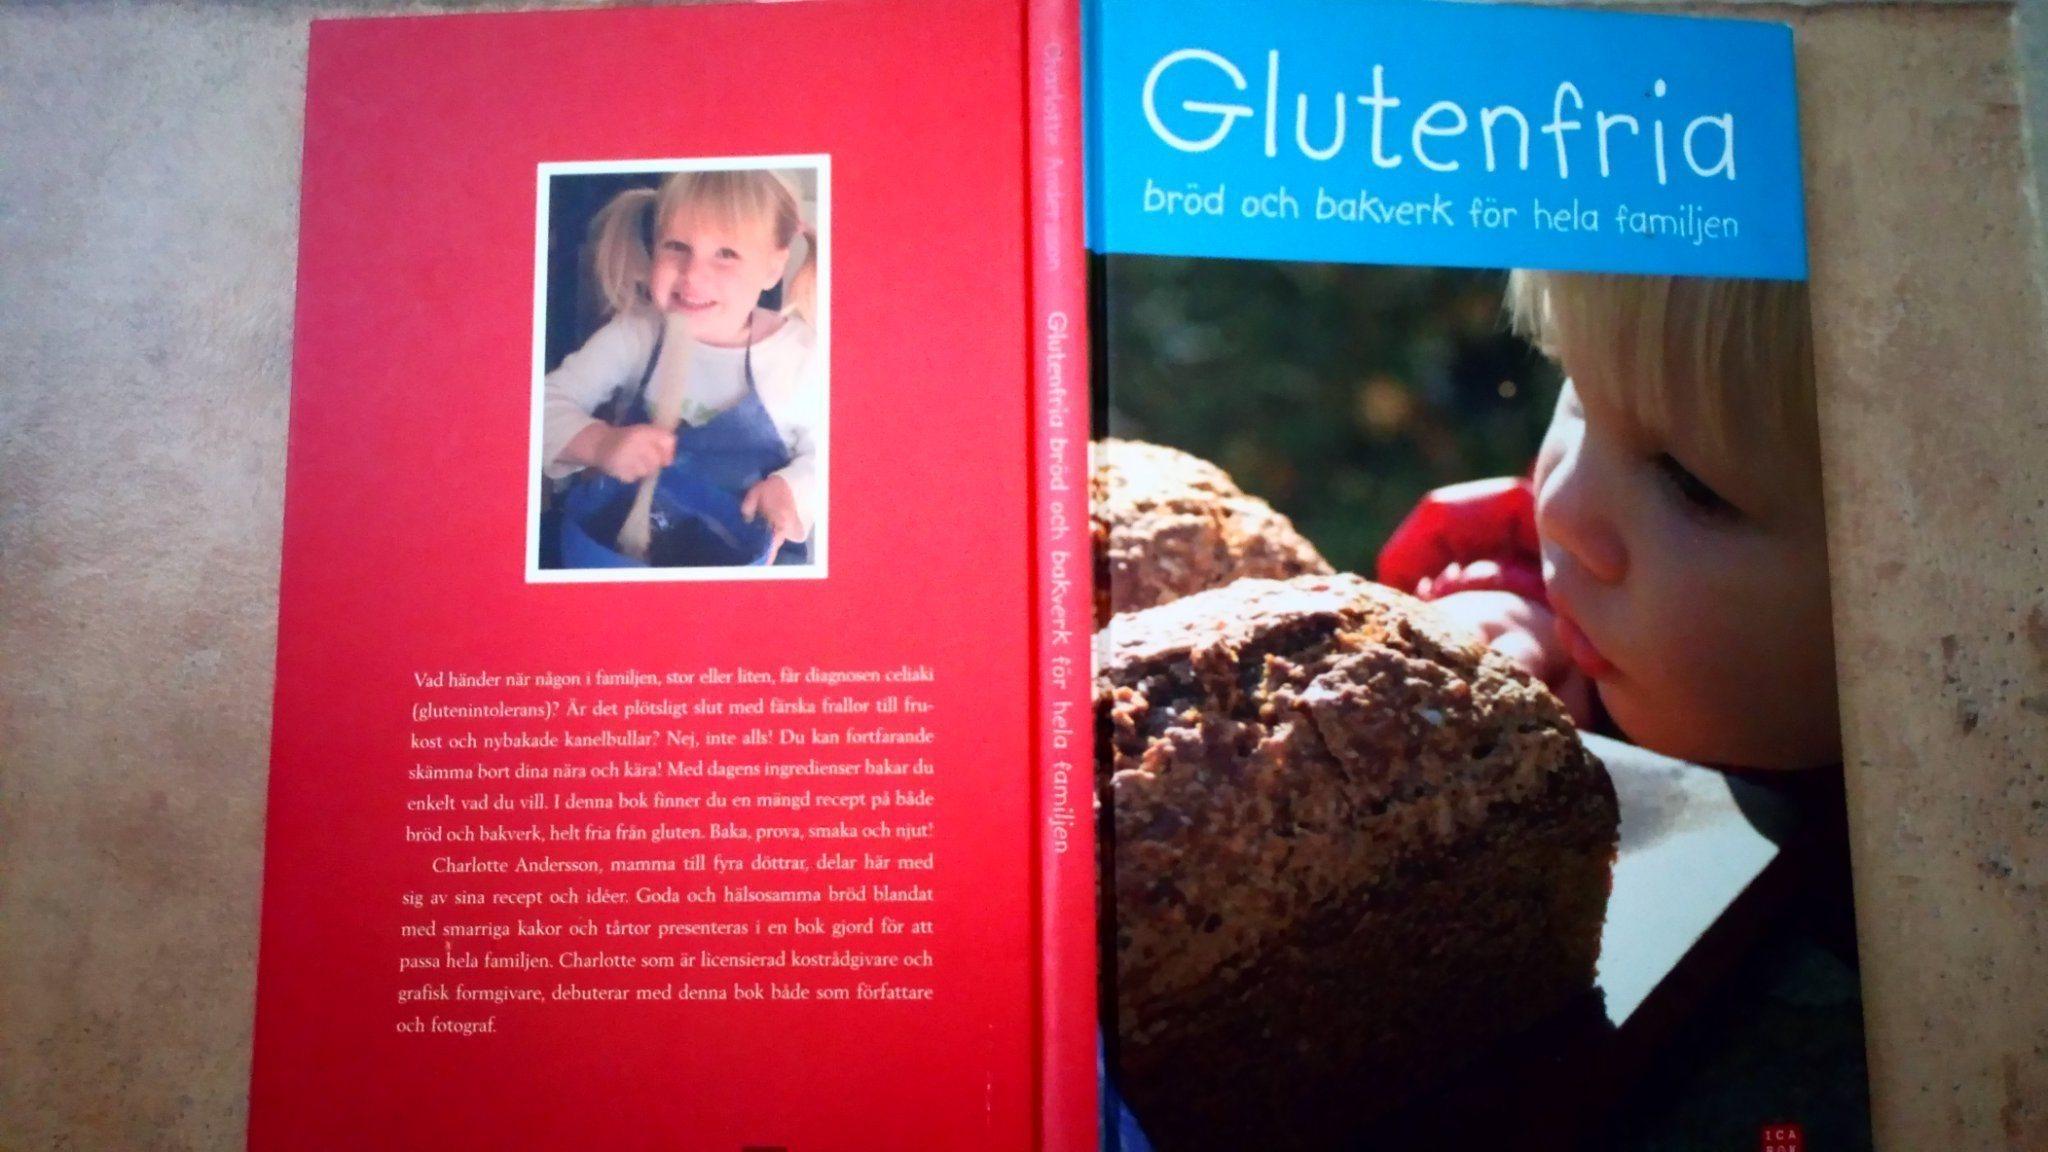 glutenfria bröd och bakverk för hela familjen